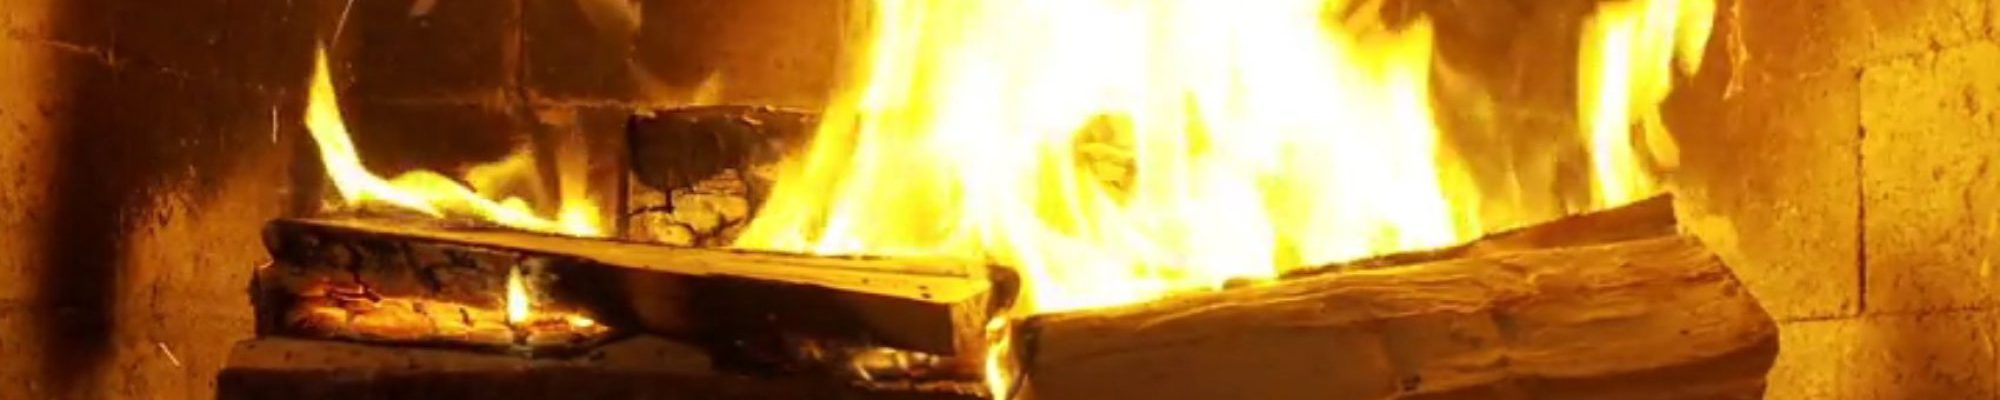 Limpieza de chimeneas y calderas deshollinadores de mallorca - Limpieza chimeneas de lena ...